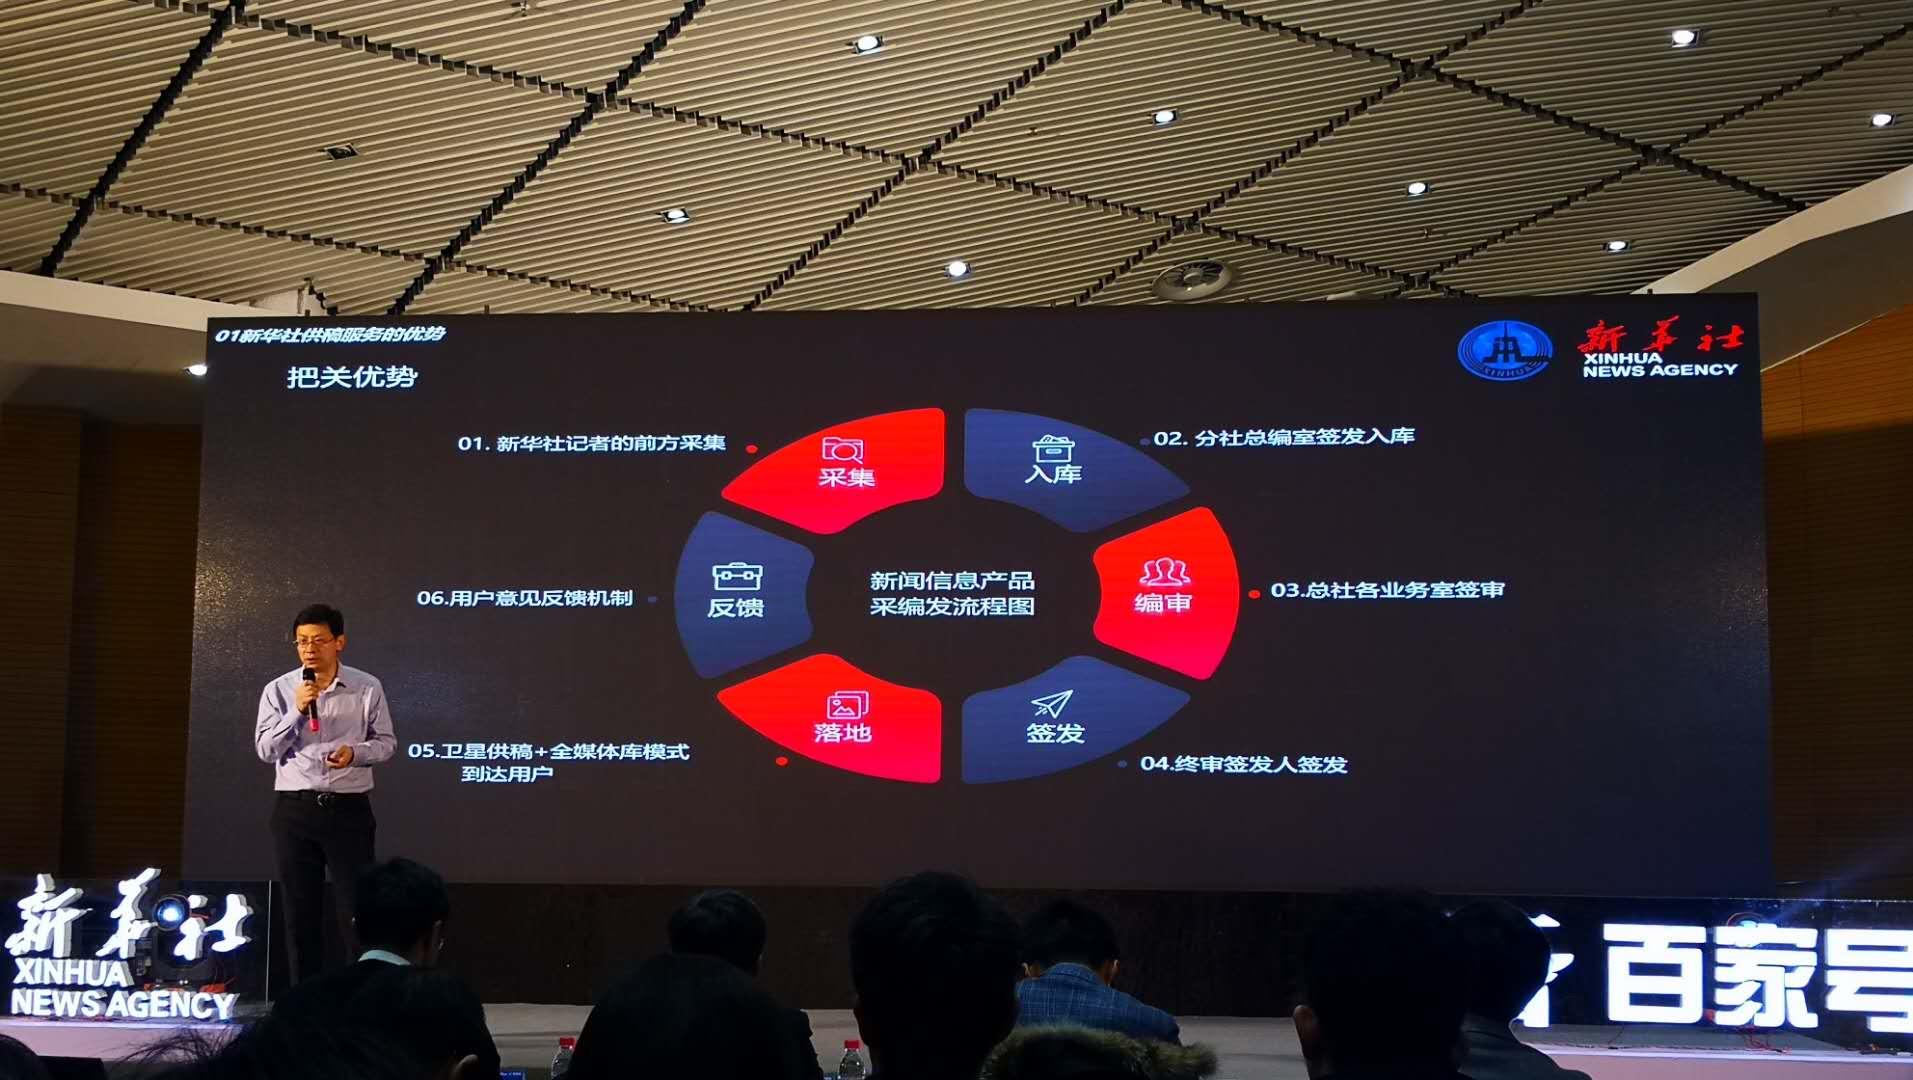 新华社新闻内容入驻百家号 百度加强内容生态布局